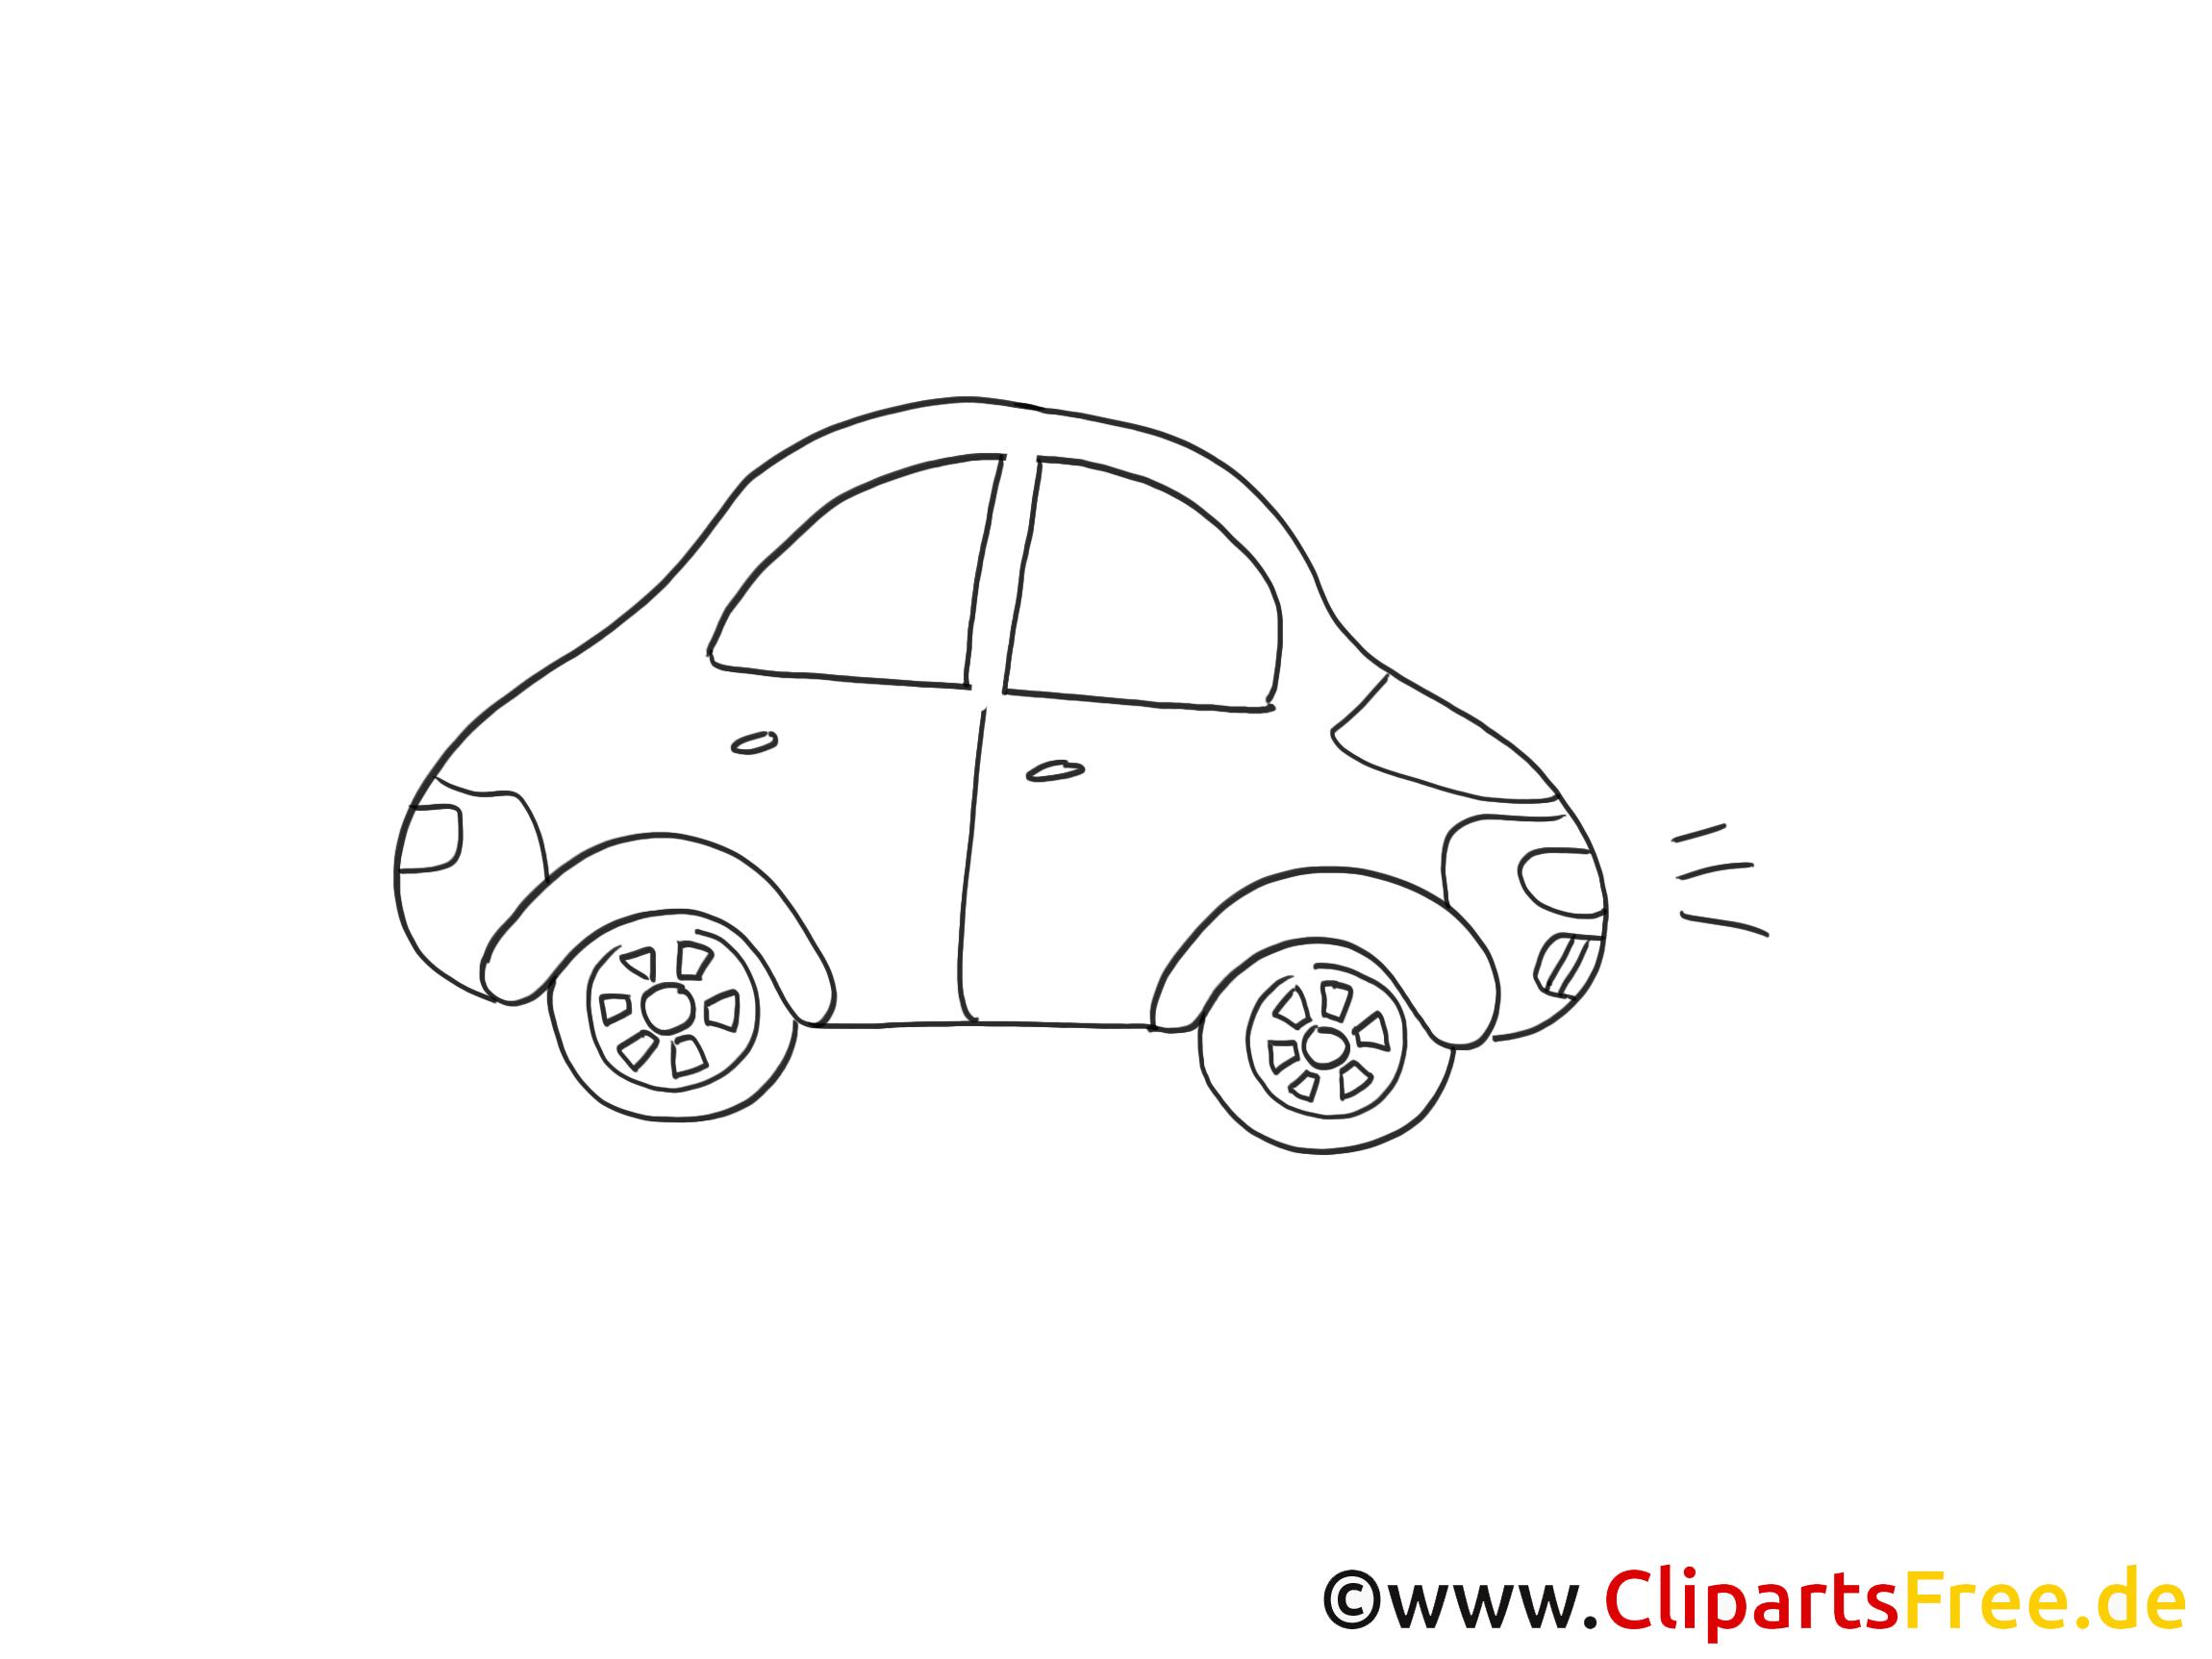 Auto Cartoon Bilder Pixabay Kostenlose Bilder Herunterladen